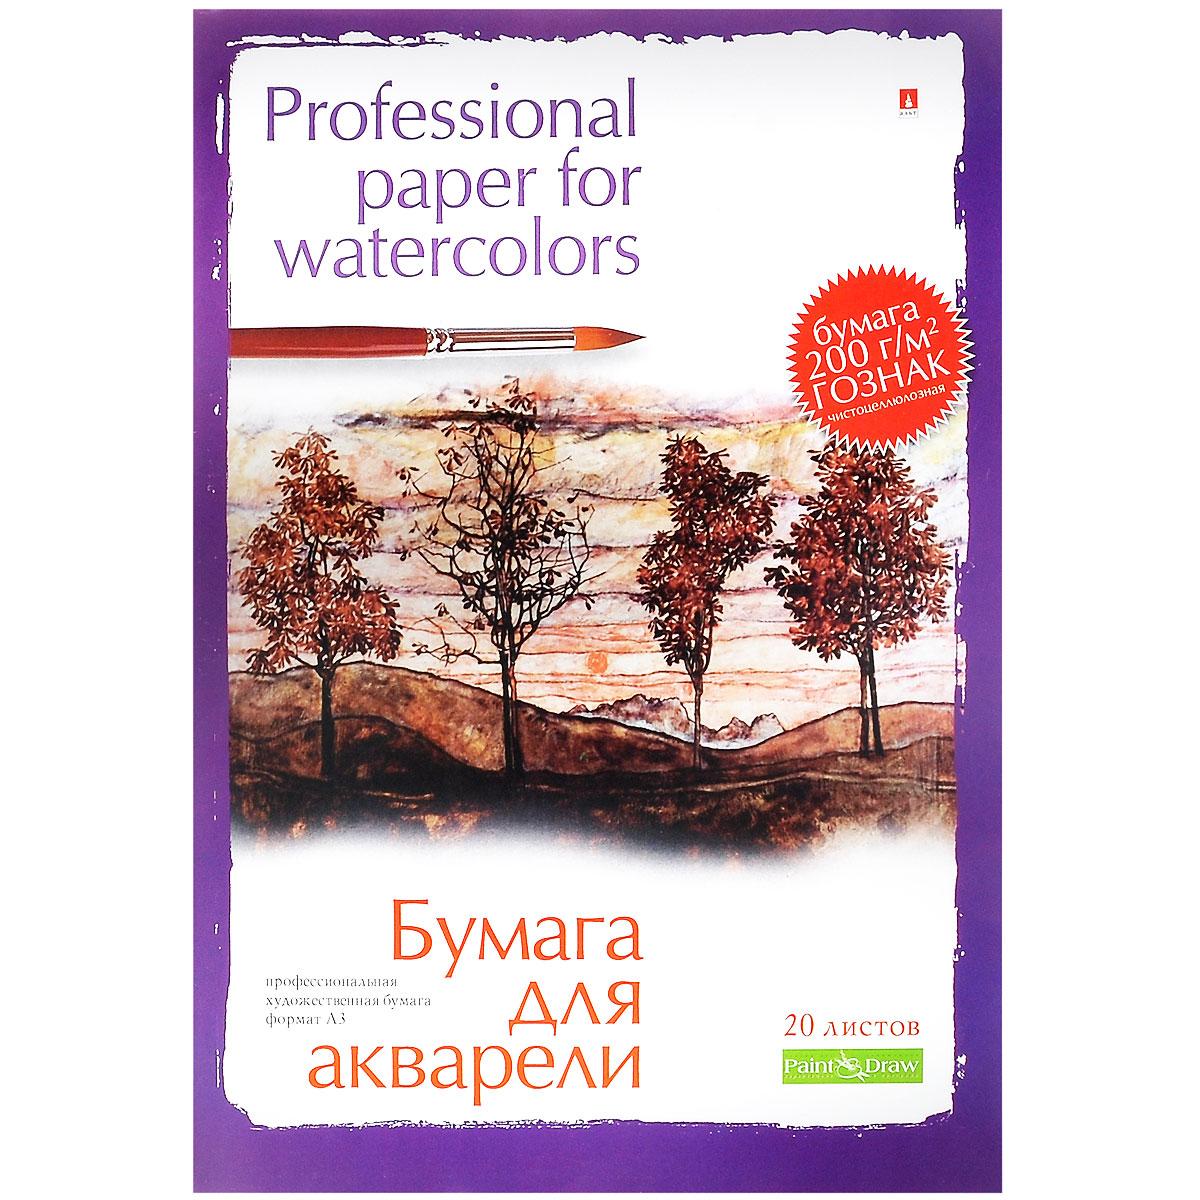 Бумага для акварели  Альт , профессиональная, формат А3, 20 листов -  Бумага и картон